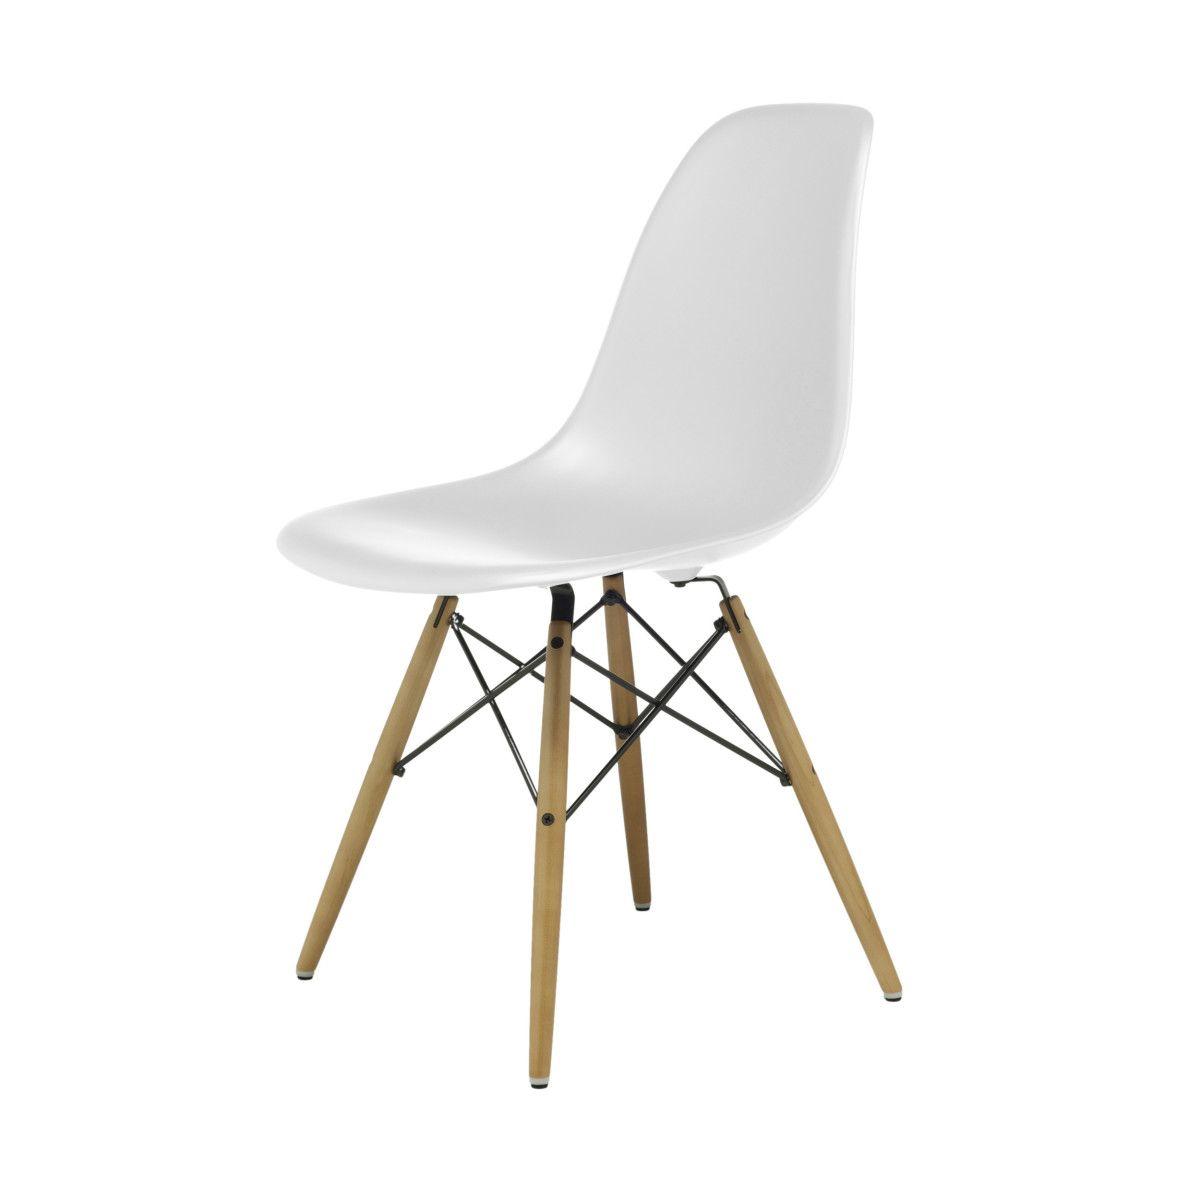 Perfekt Eames Plastic Side Chair Stuhl DSW Mit Kunststoffgleitern Weiss Ahorn Neue  Mau0026szlig|e Jetzt